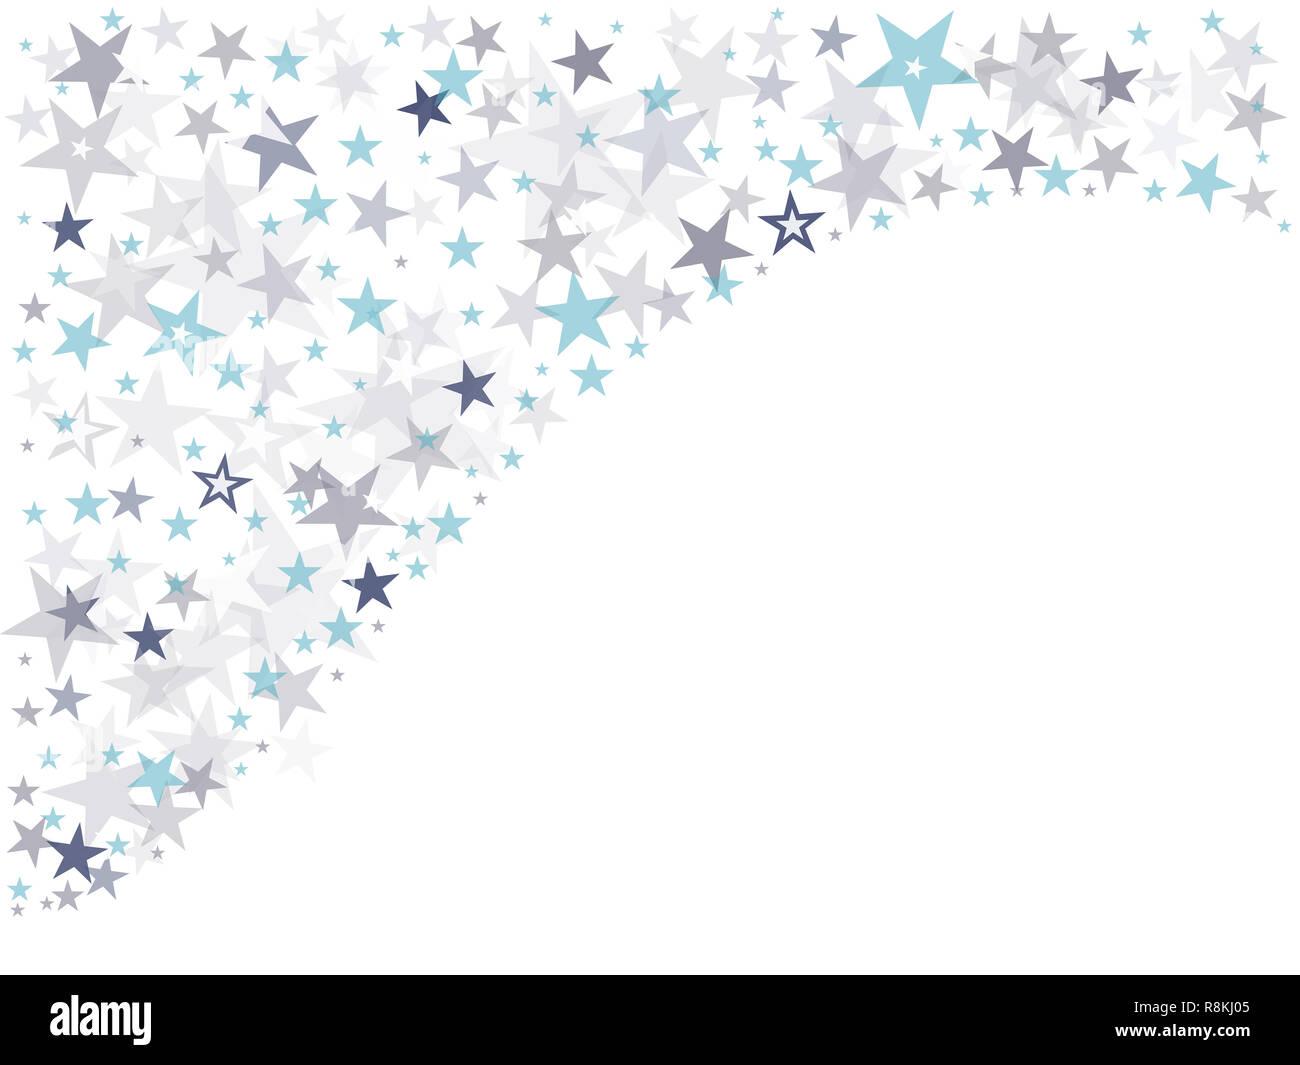 Resumen de diseño de fondo de estrellas. Vector, ilustración, eps10. Imagen De Stock